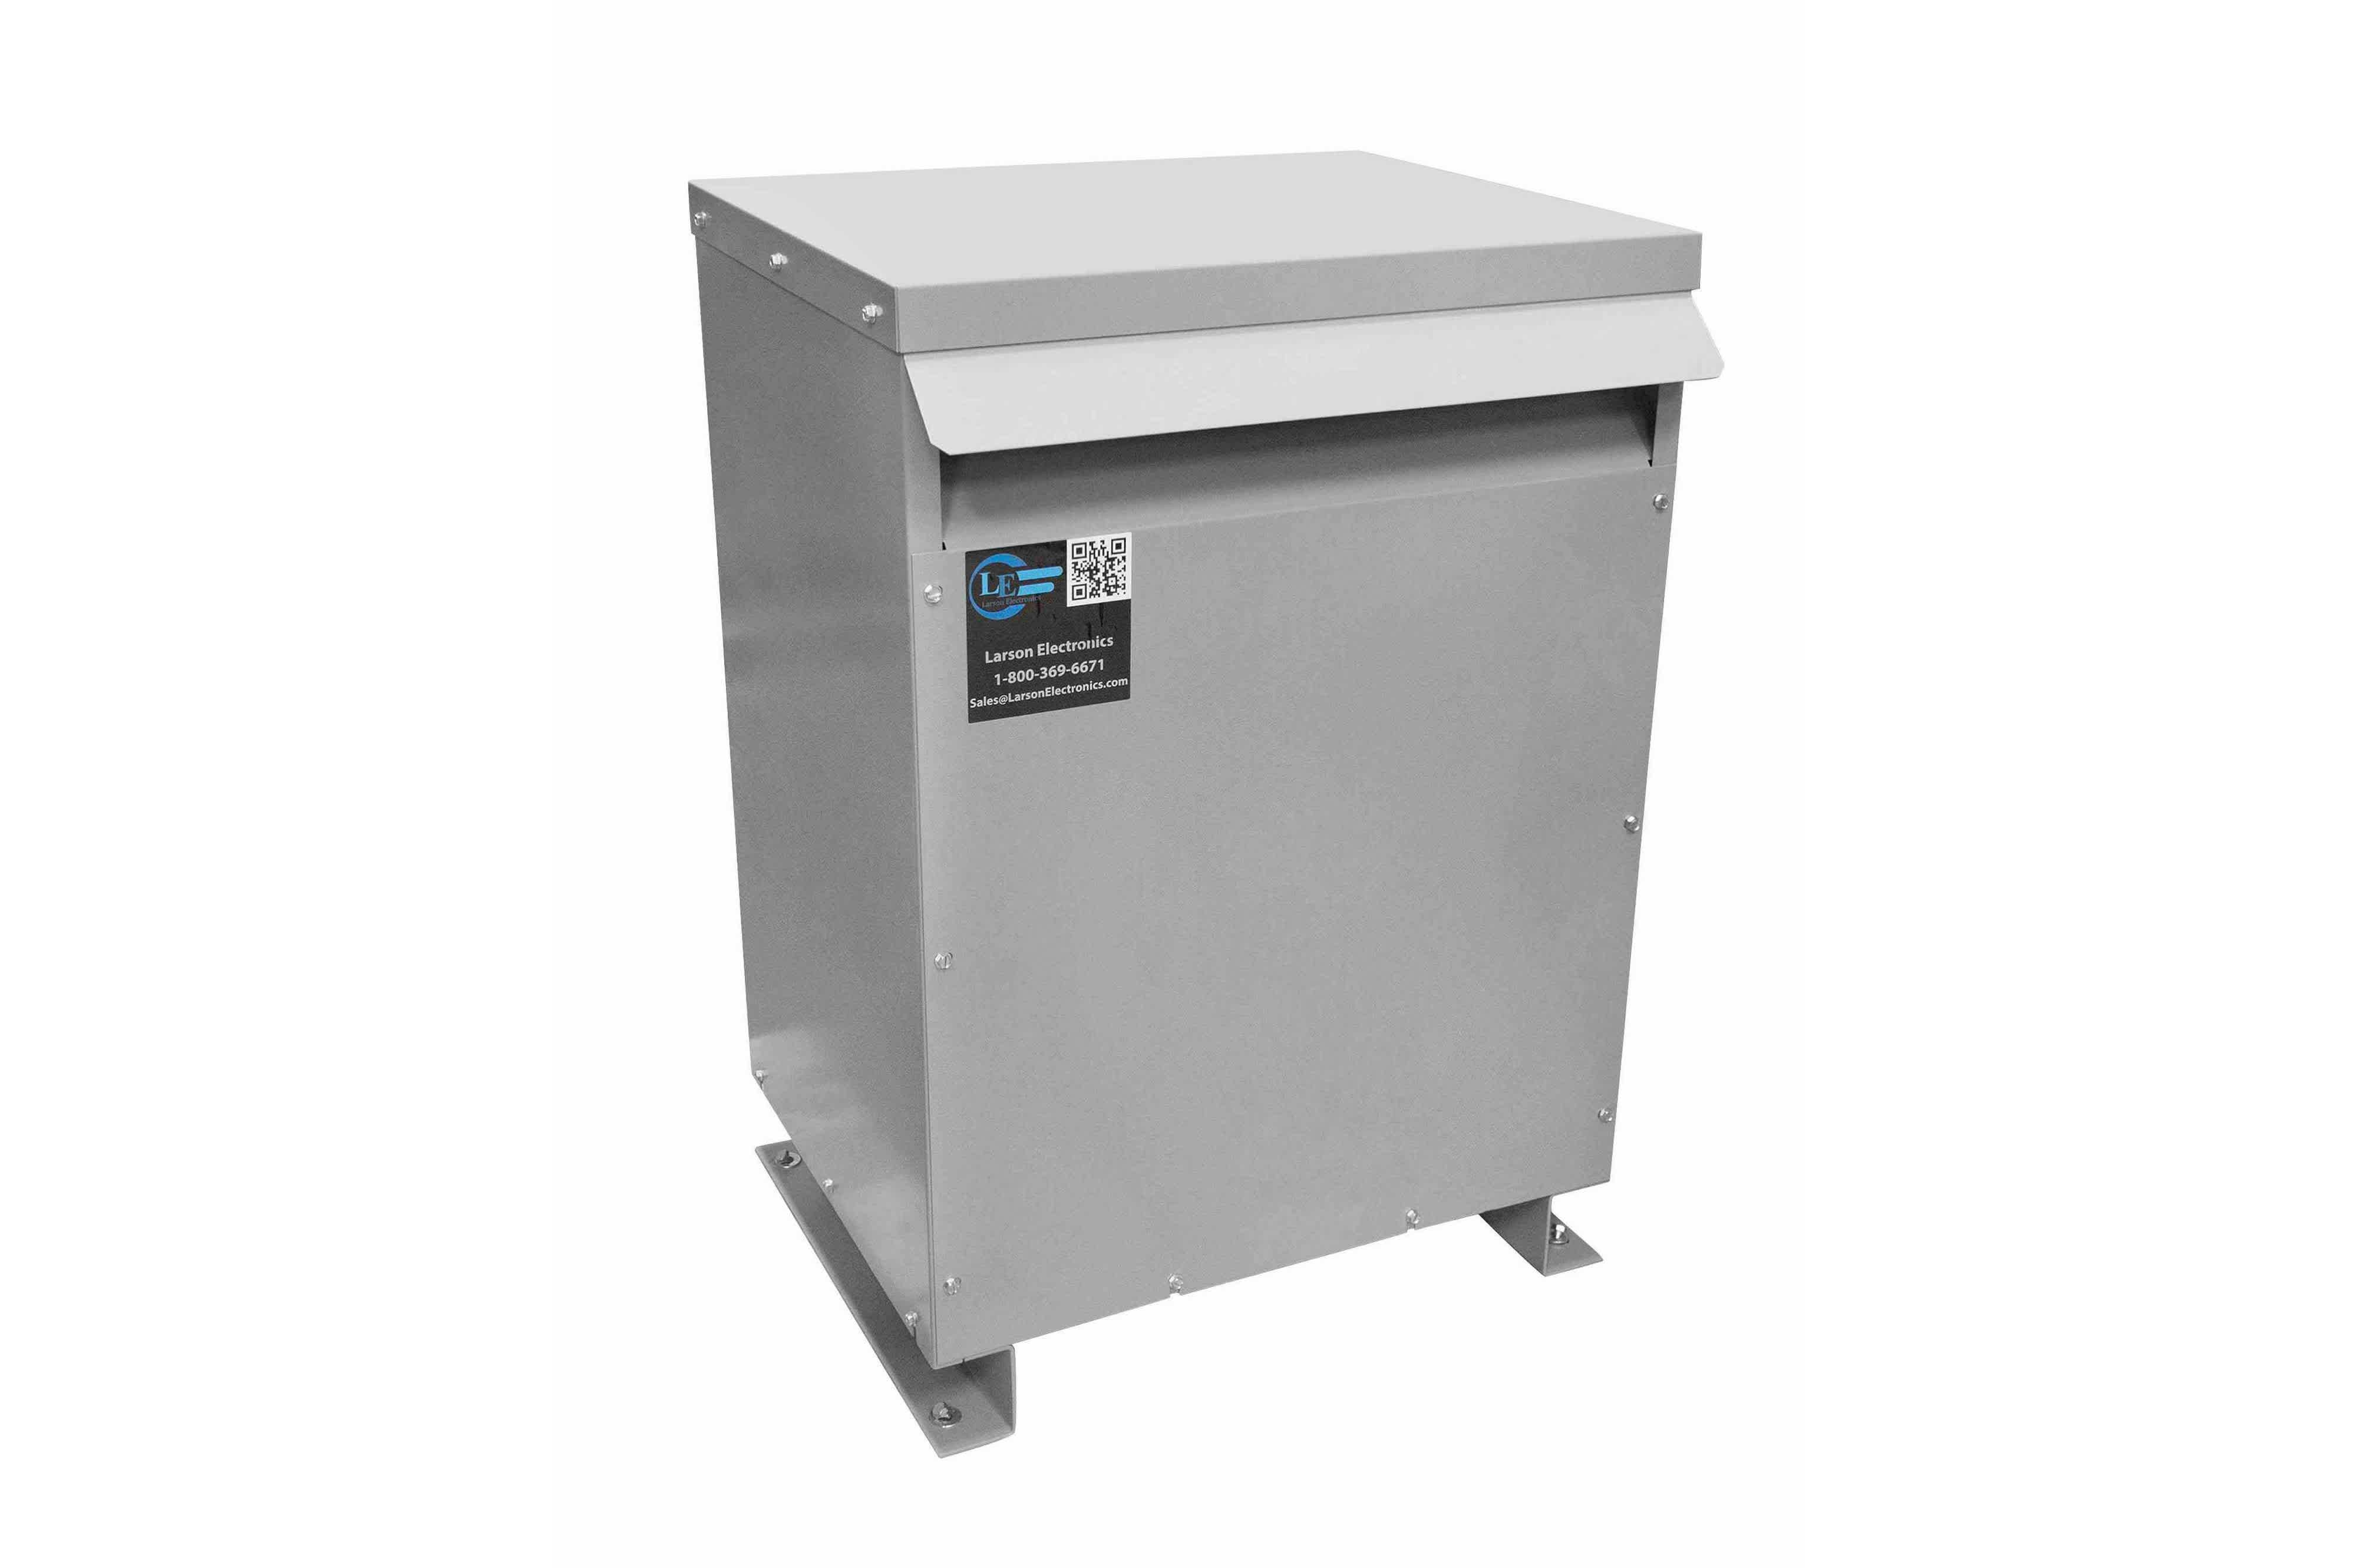 125 kVA 3PH Isolation Transformer, 480V Delta Primary, 380V Delta Secondary, N3R, Ventilated, 60 Hz